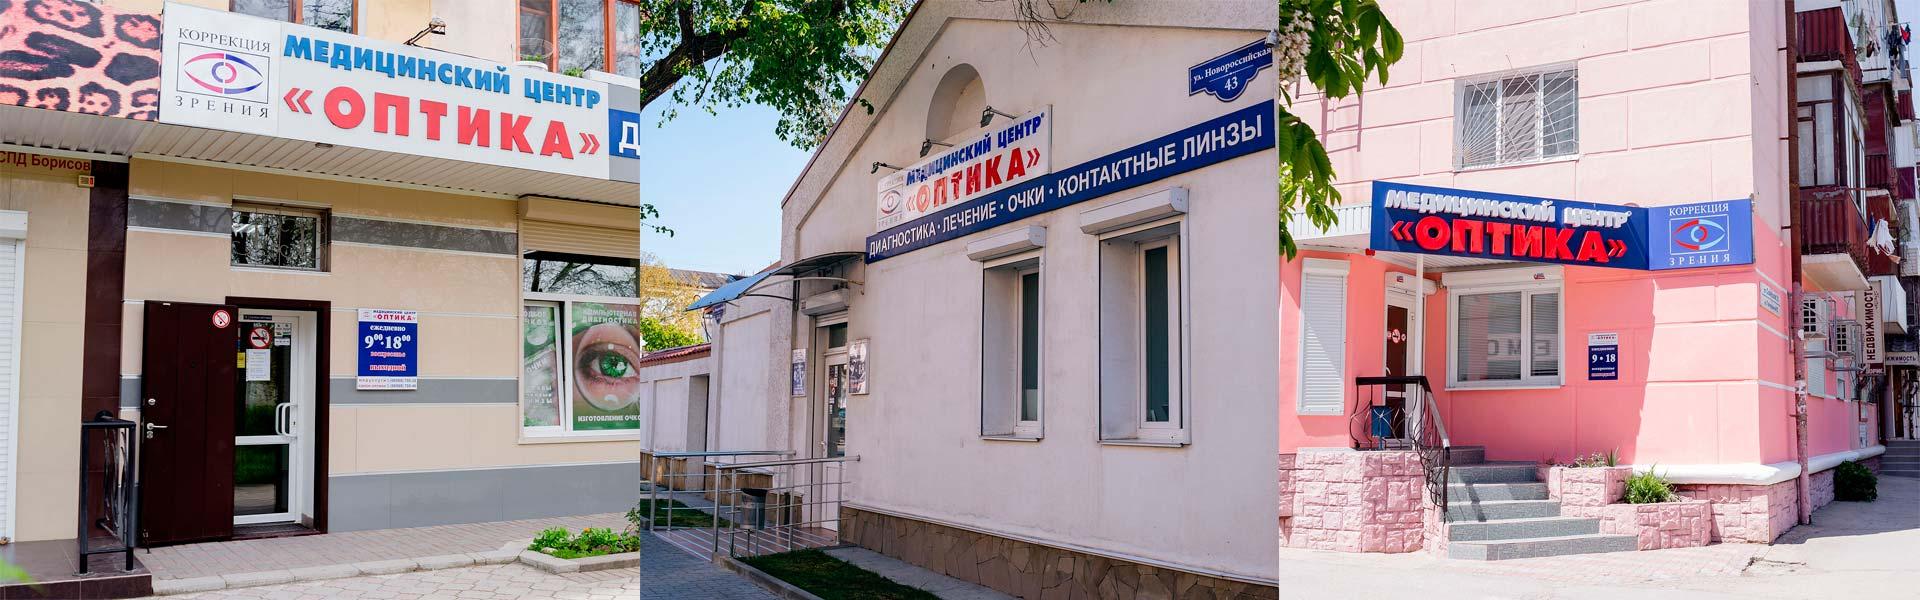 Диагностика и лечение зрения в Севастополе Евпатории и Феодосии